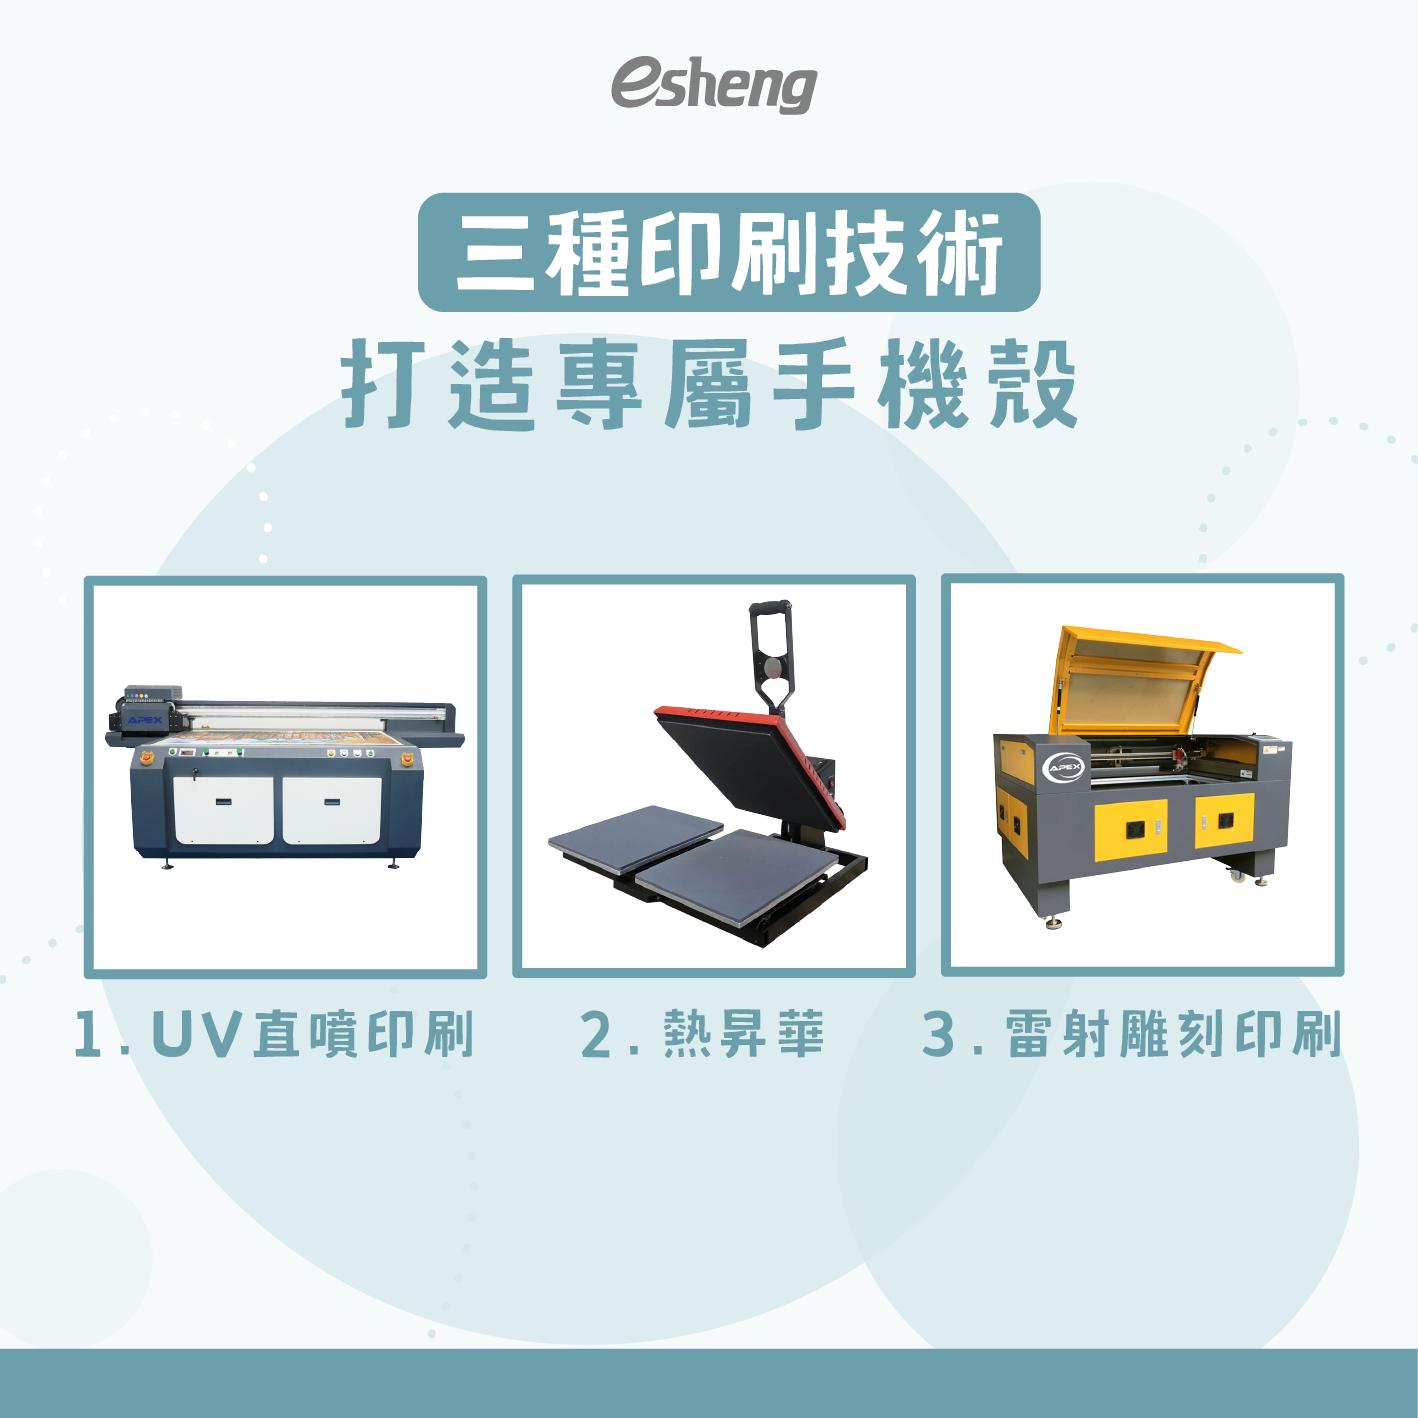 三種印刷技術打造專屬手機殼